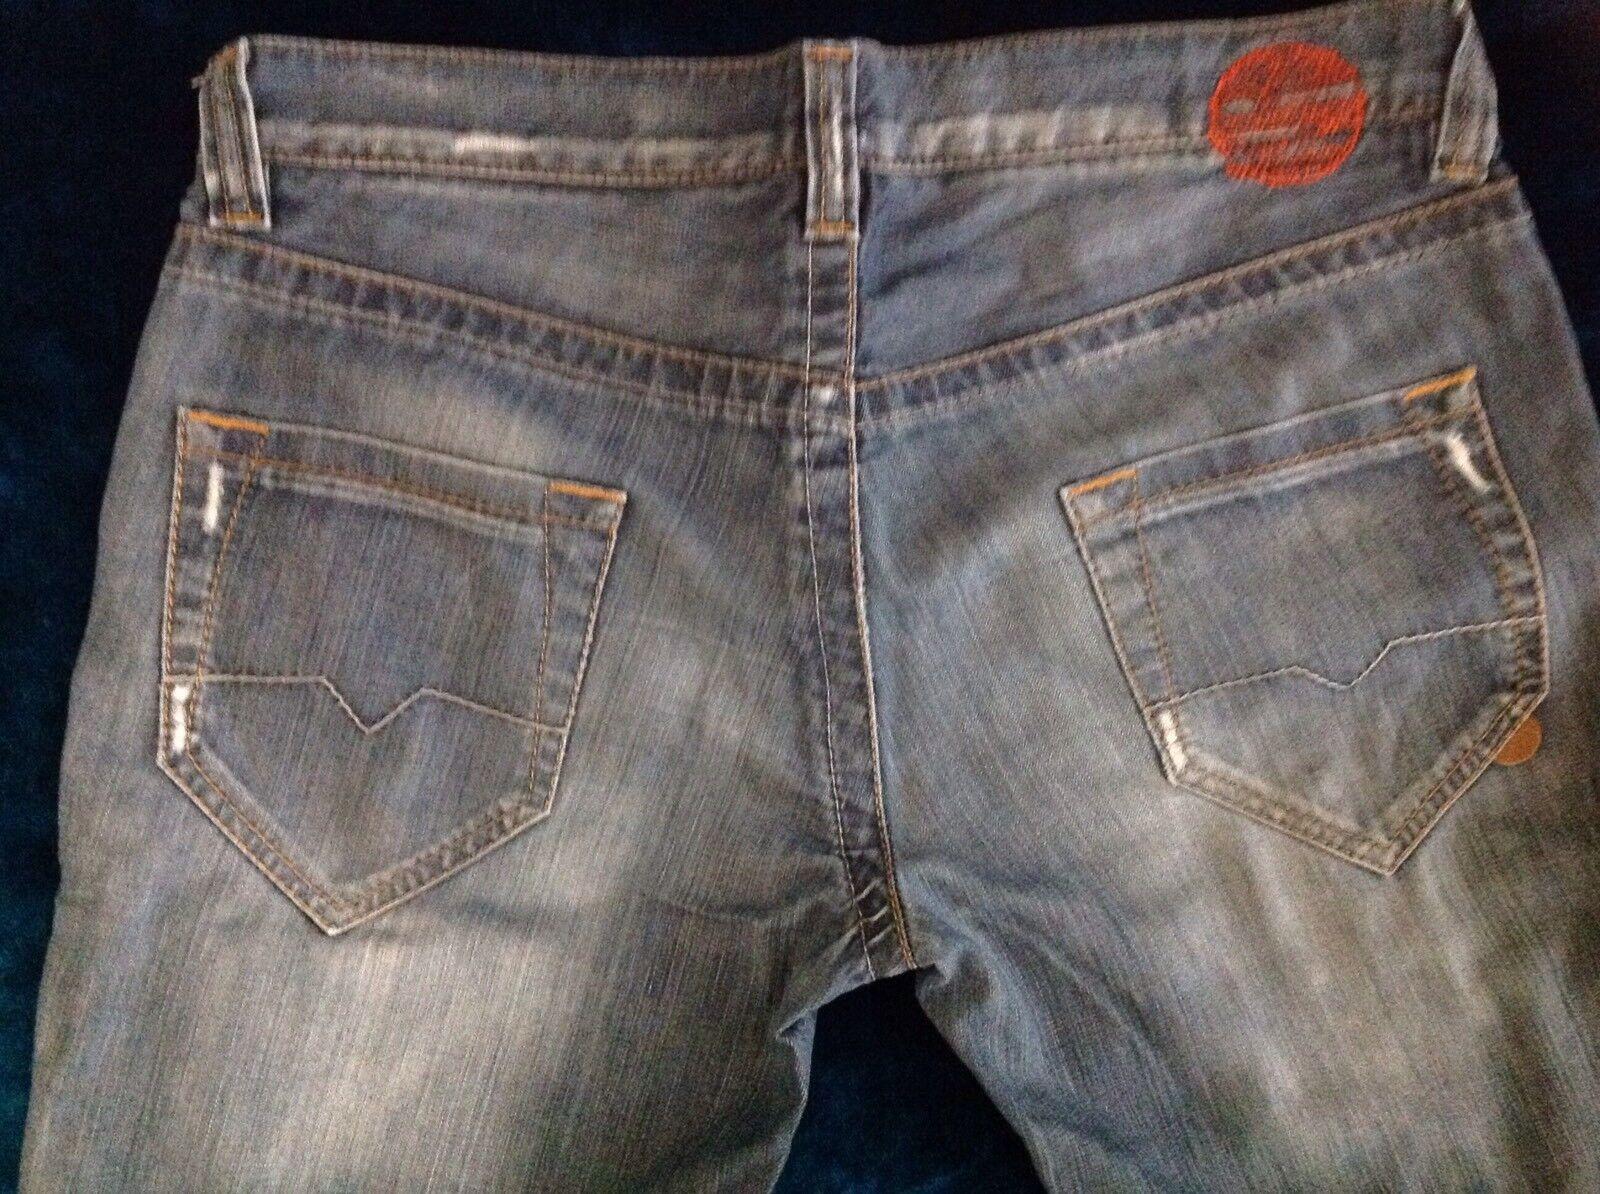 Boss Orange Jeans Jenny Jenny Jenny 32 34 | Vorzüglich  | Zuverlässige Qualität  | Reparieren  | Spaß  | Zu verkaufen  4c99ec